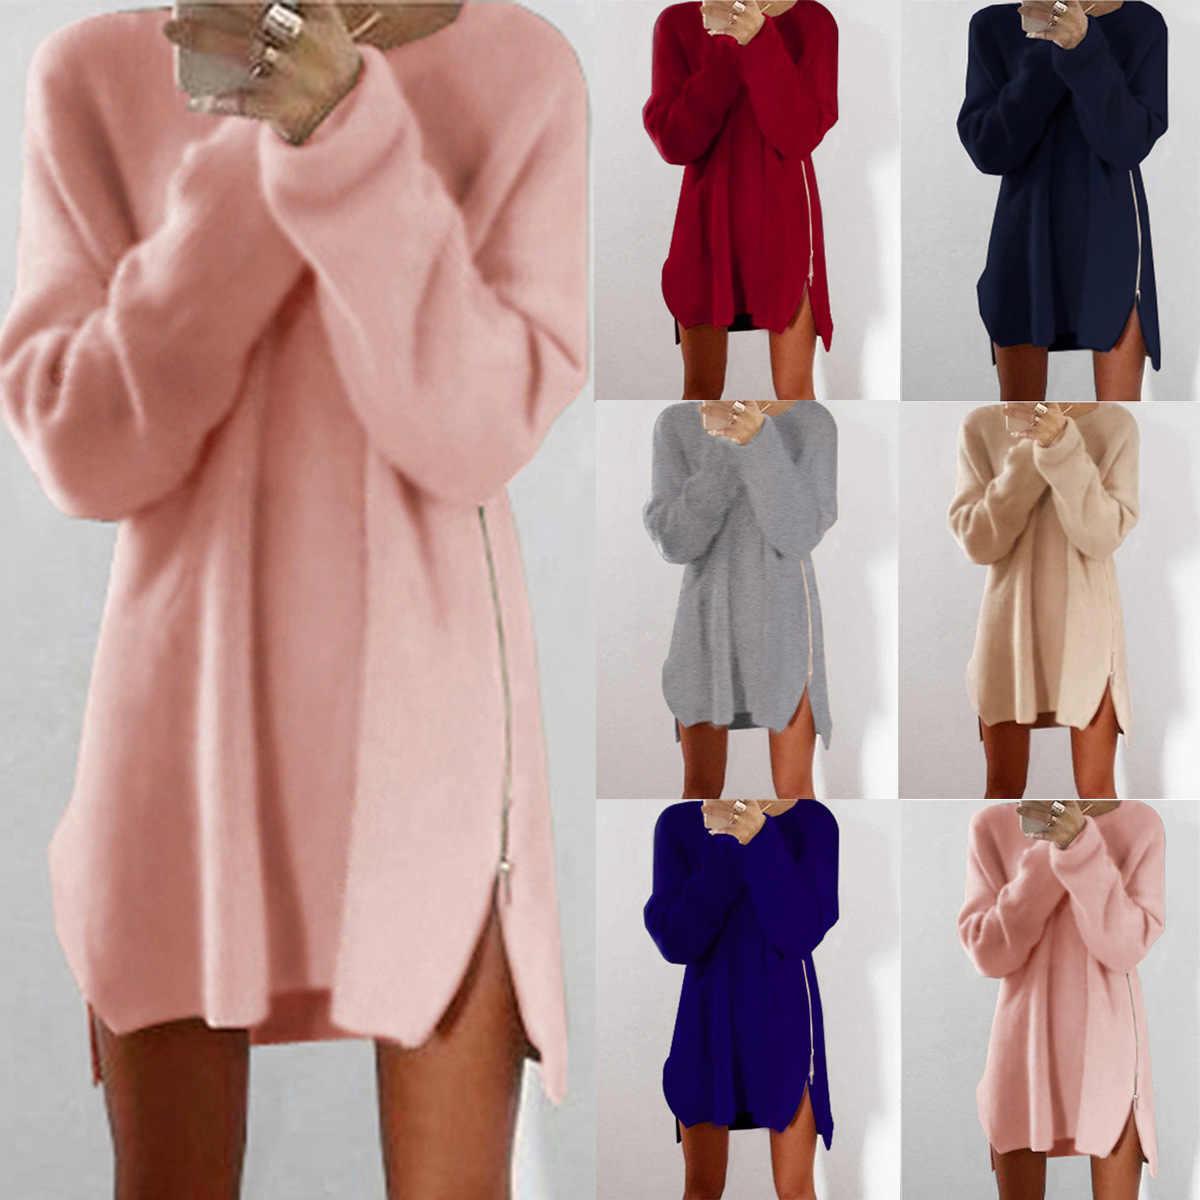 סתיו החורף סרוג כותנה סוודר שמלות נשים Loose עגול צוואר מוצק סוודר נשי סרוג שמלת Vestidos בתוספת גודל